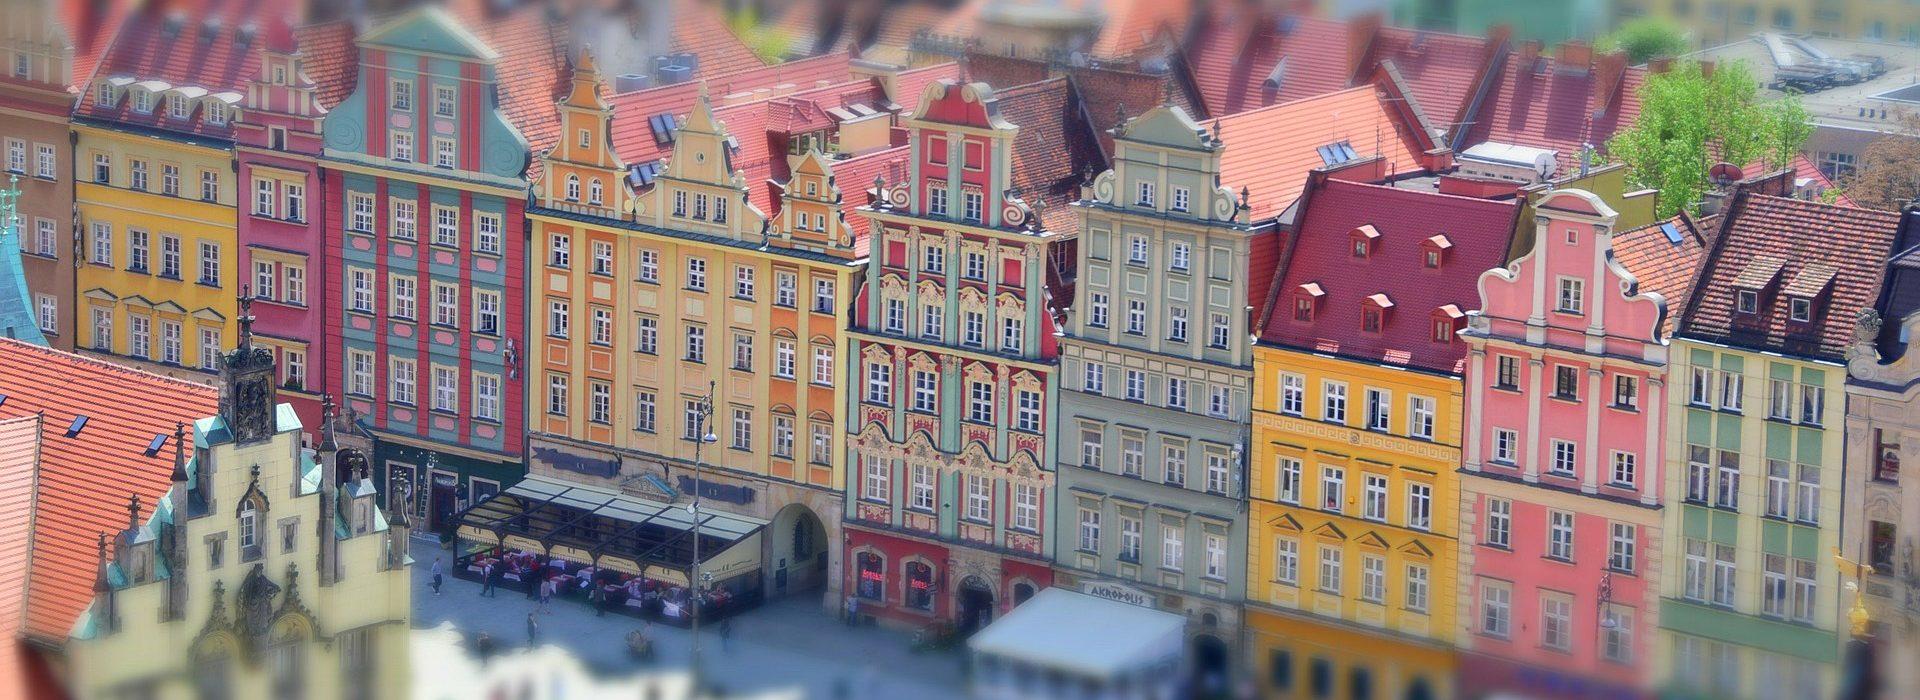 Vroclav - Prvi maj